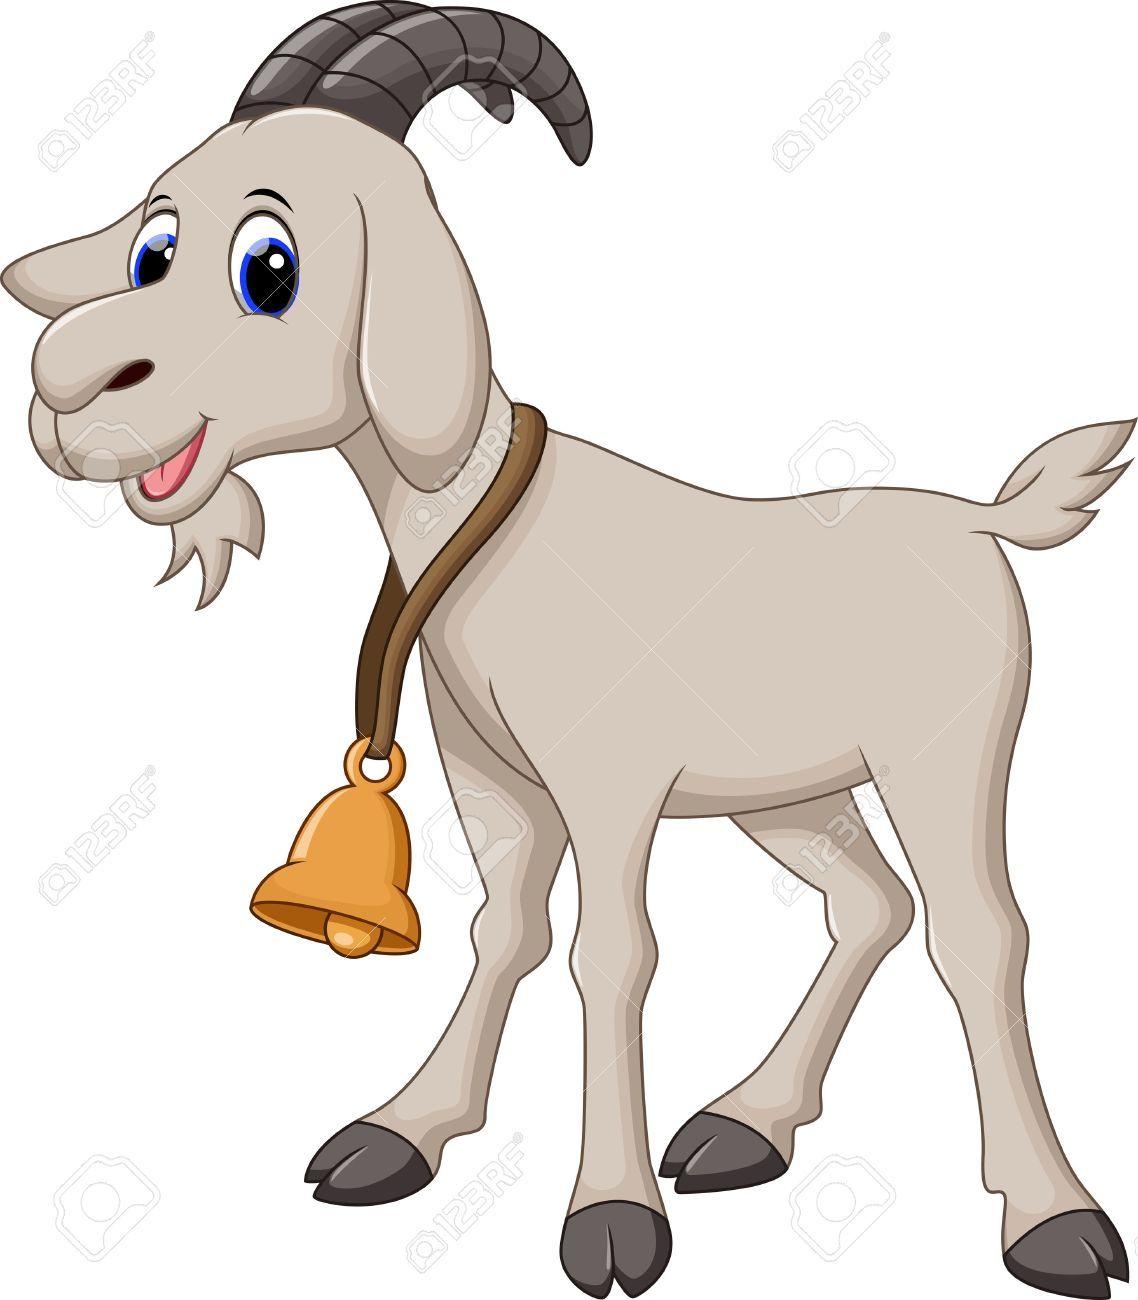 Cartoon goat clipart 1 » Clipart Portal.